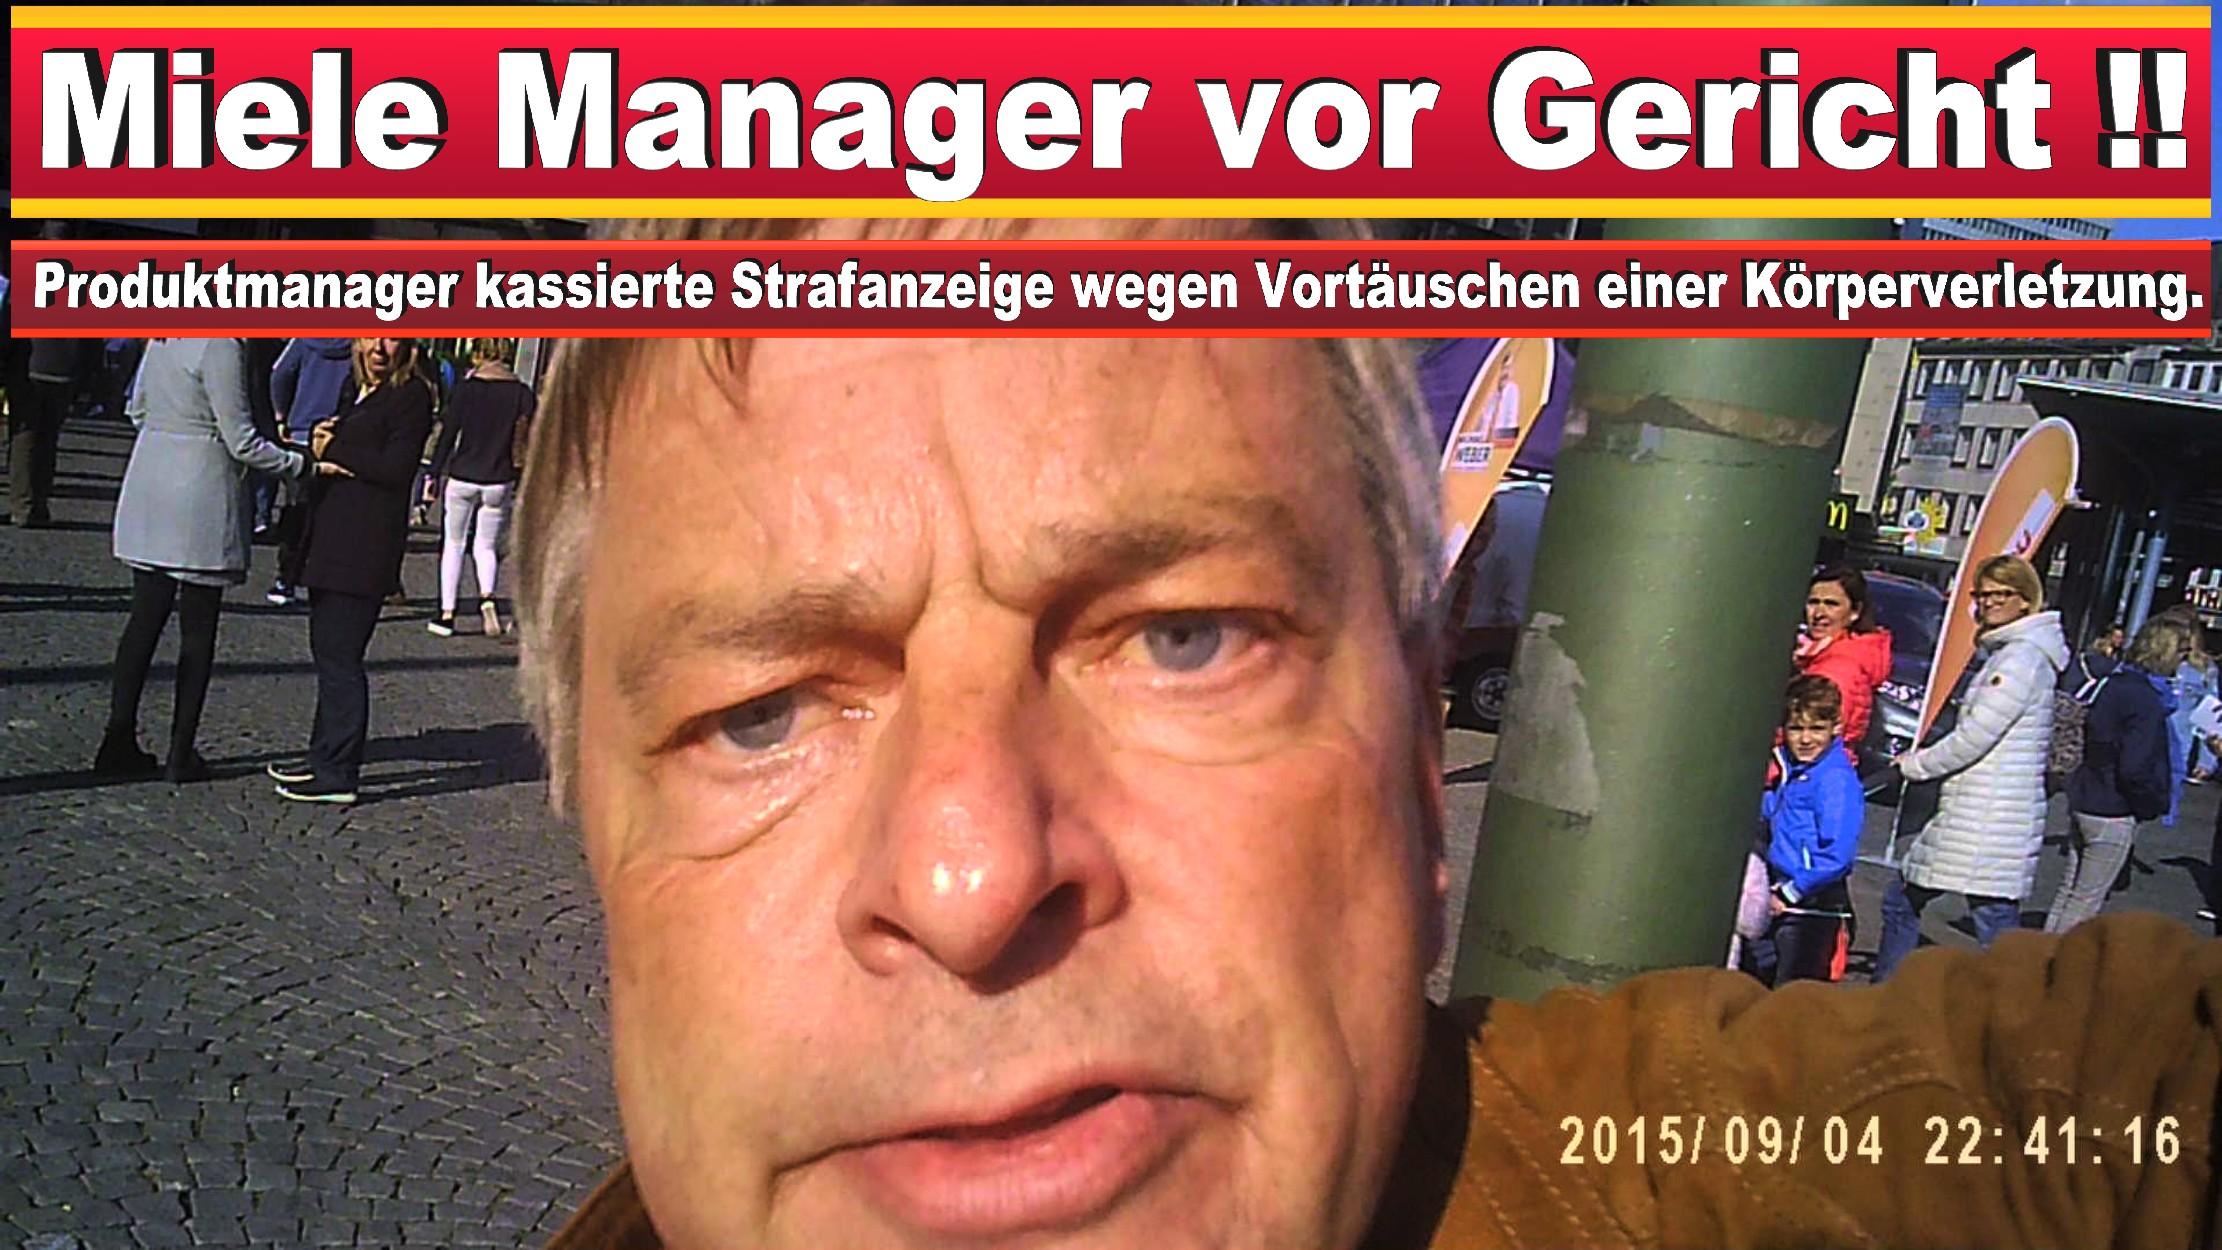 MICHAEL WEBER CDU BIELEFELD GEWALTAUSBRUCH UND STRAFANZEIGE (10)